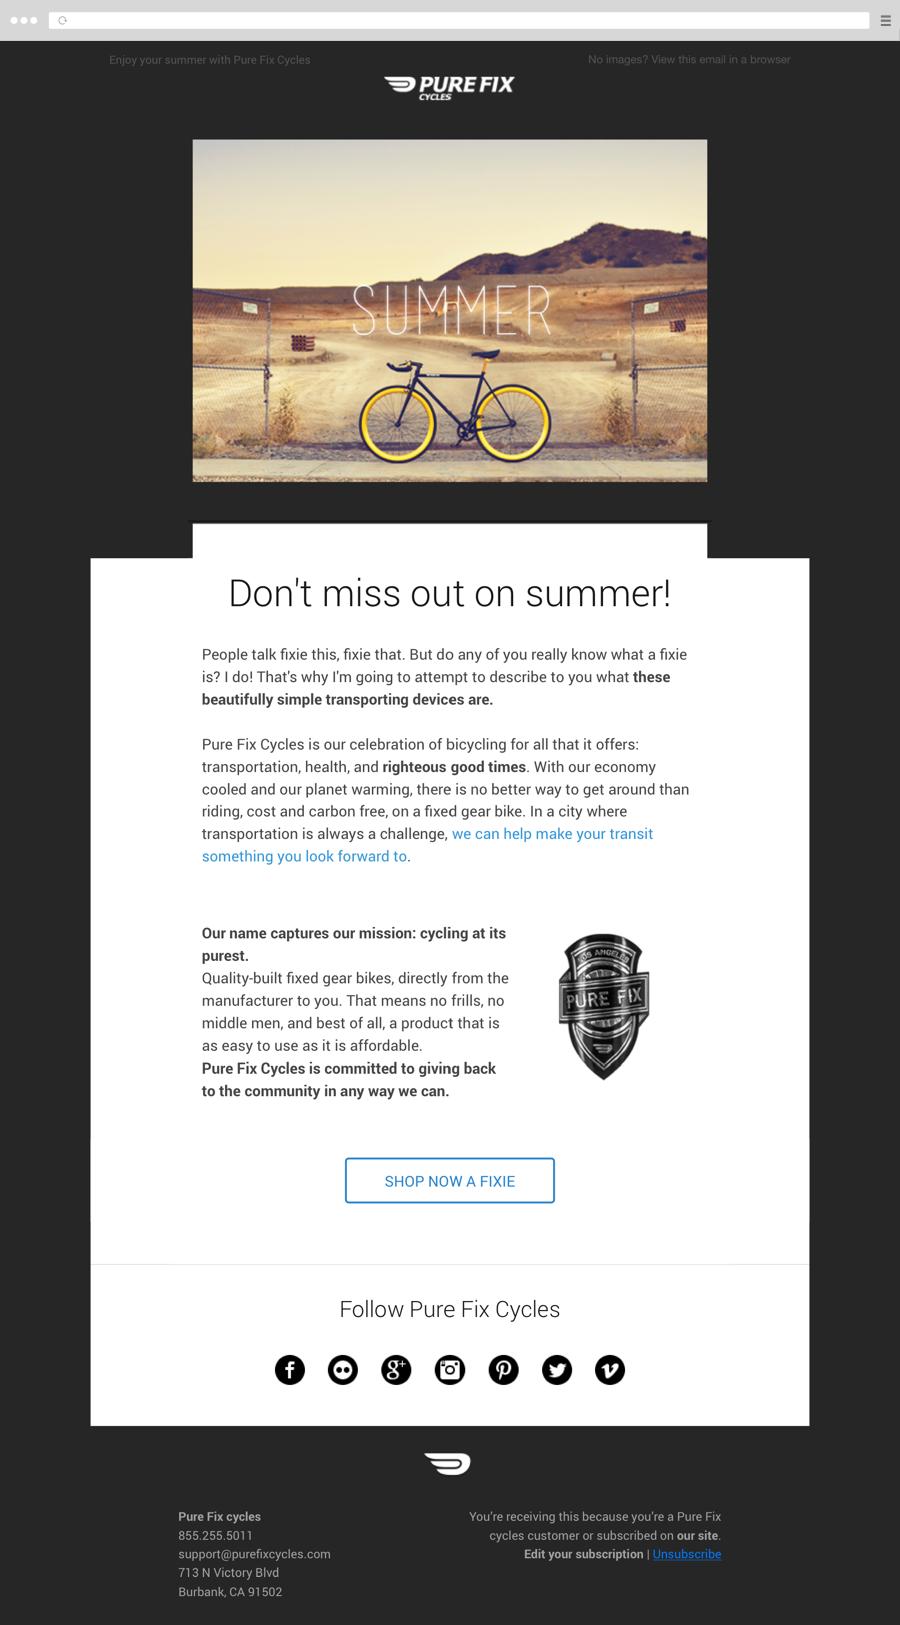 PureFixCycles-browser_window_900